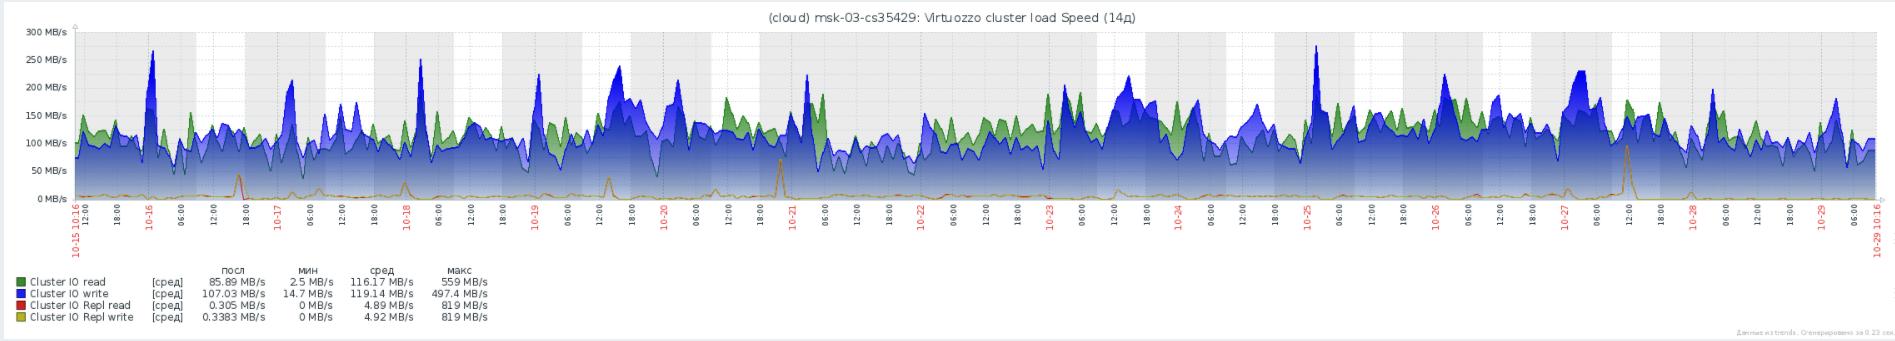 Virtuozzo Storage: Реальный опыт эксплуатации, советы по оптимизации и решению проблем - 5